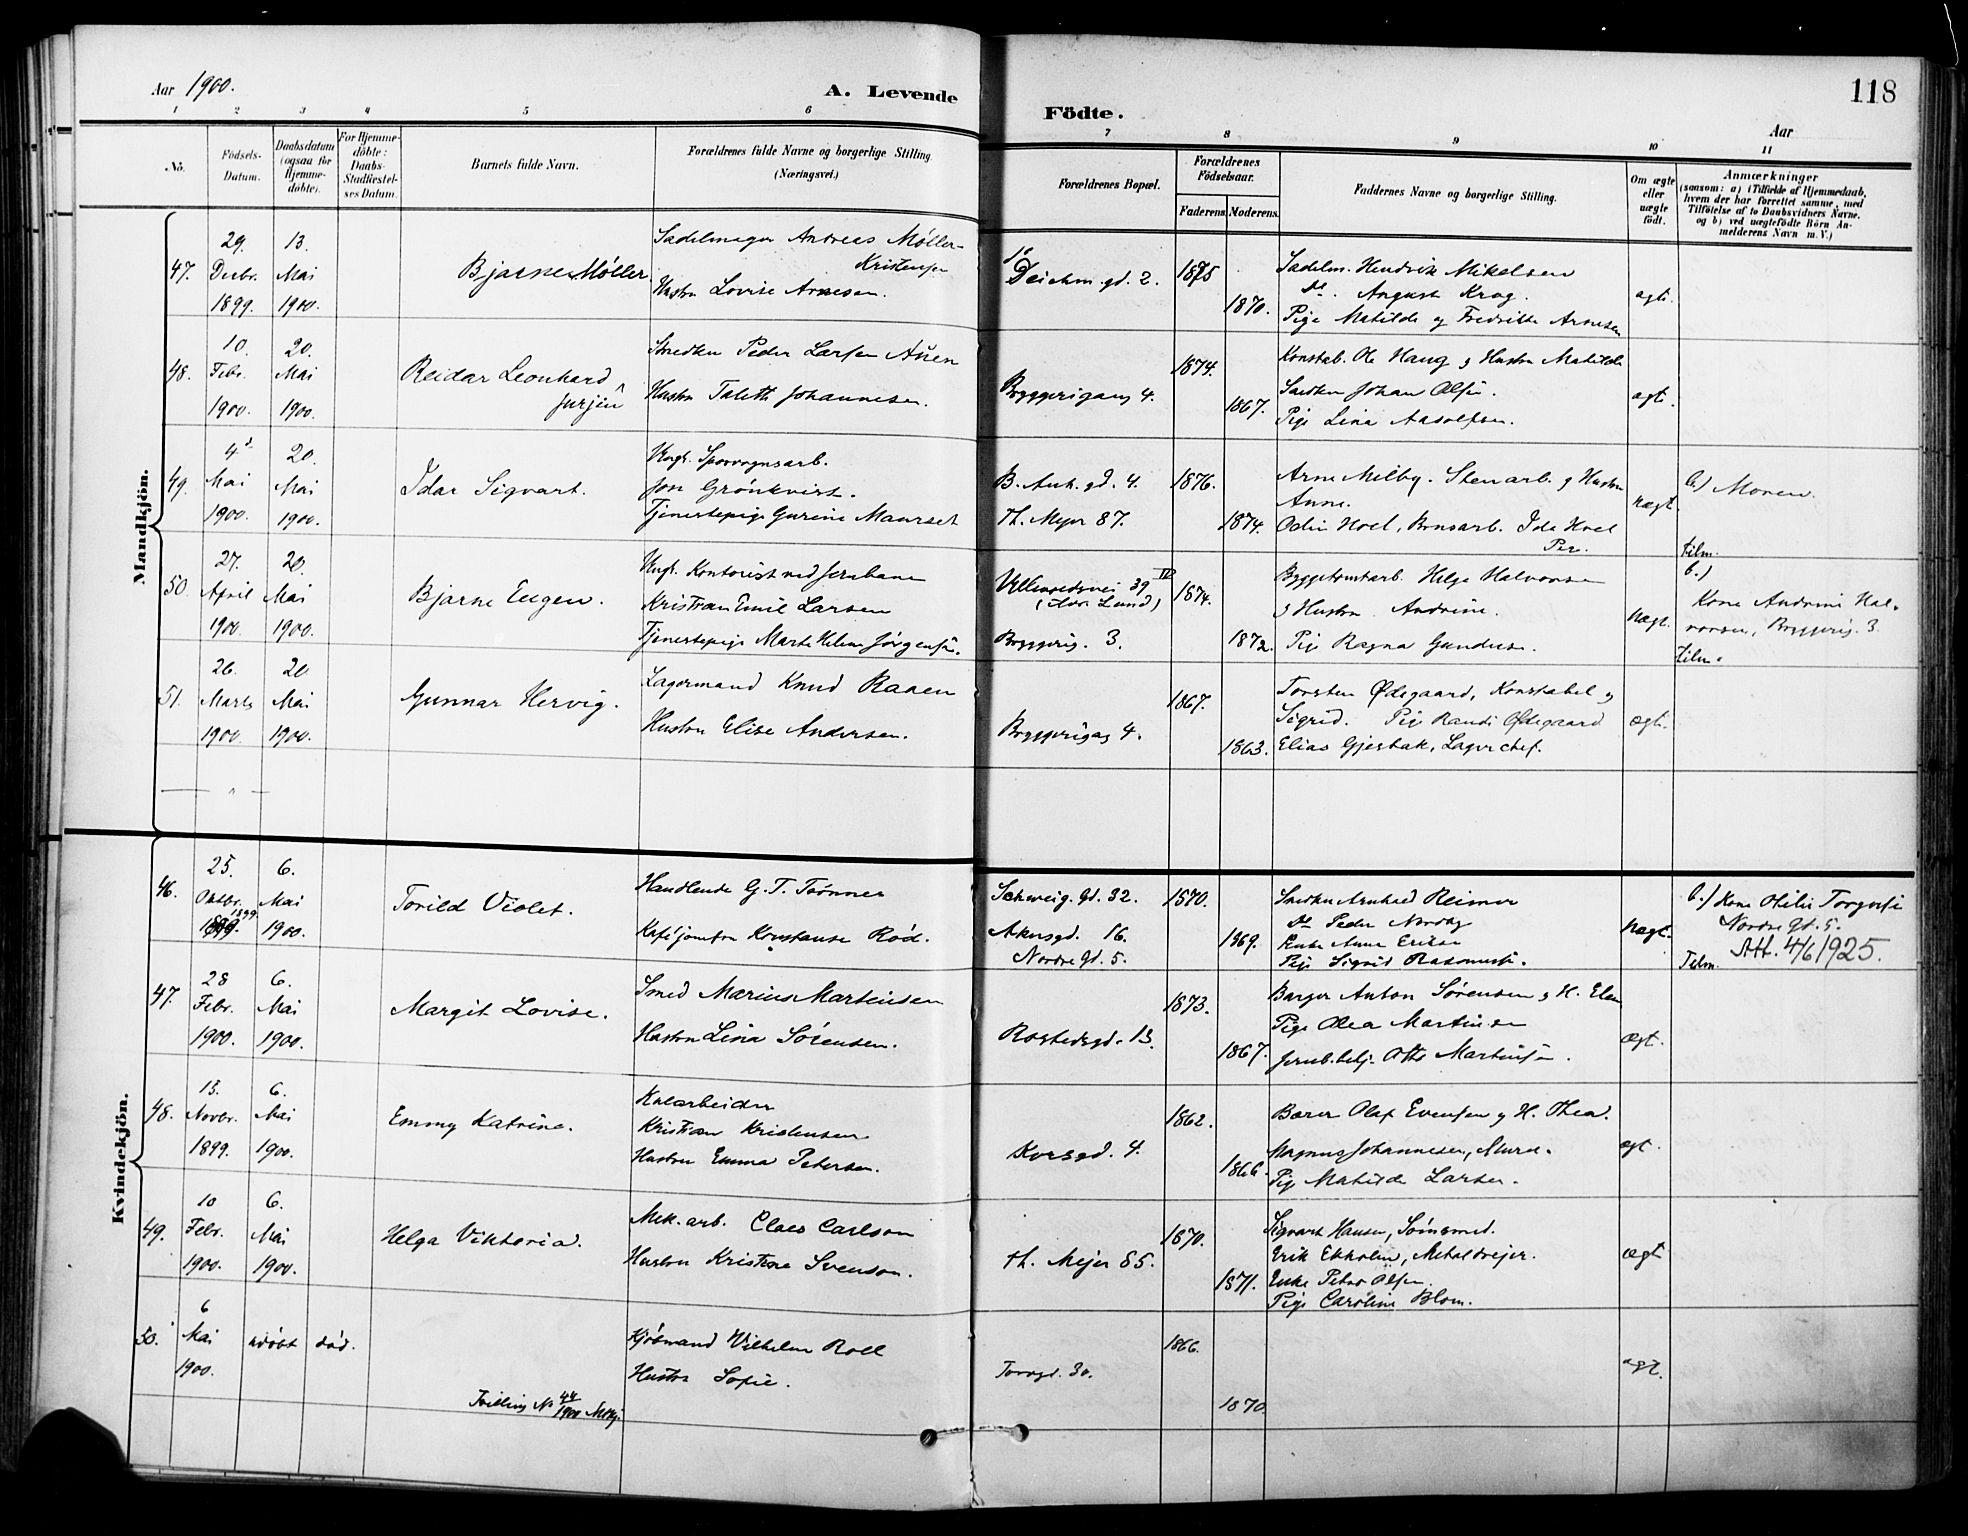 SAO, Jakob prestekontor Kirkebøker, F/Fa/L0005: Ministerialbok nr. 5, 1896-1903, s. 118